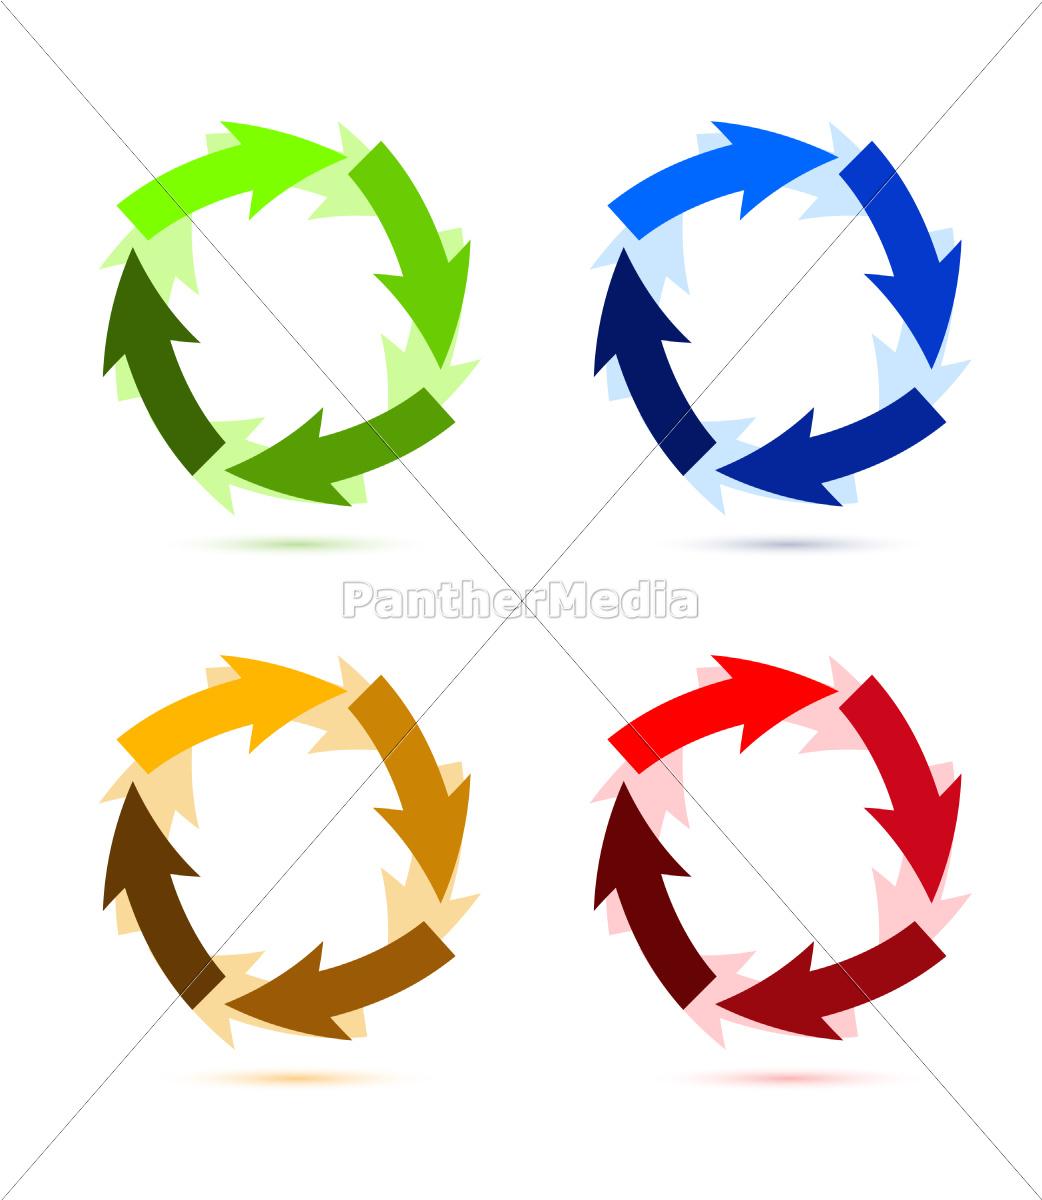 un, coloratissimo, circolare, illustrazione, freccia - 10165753